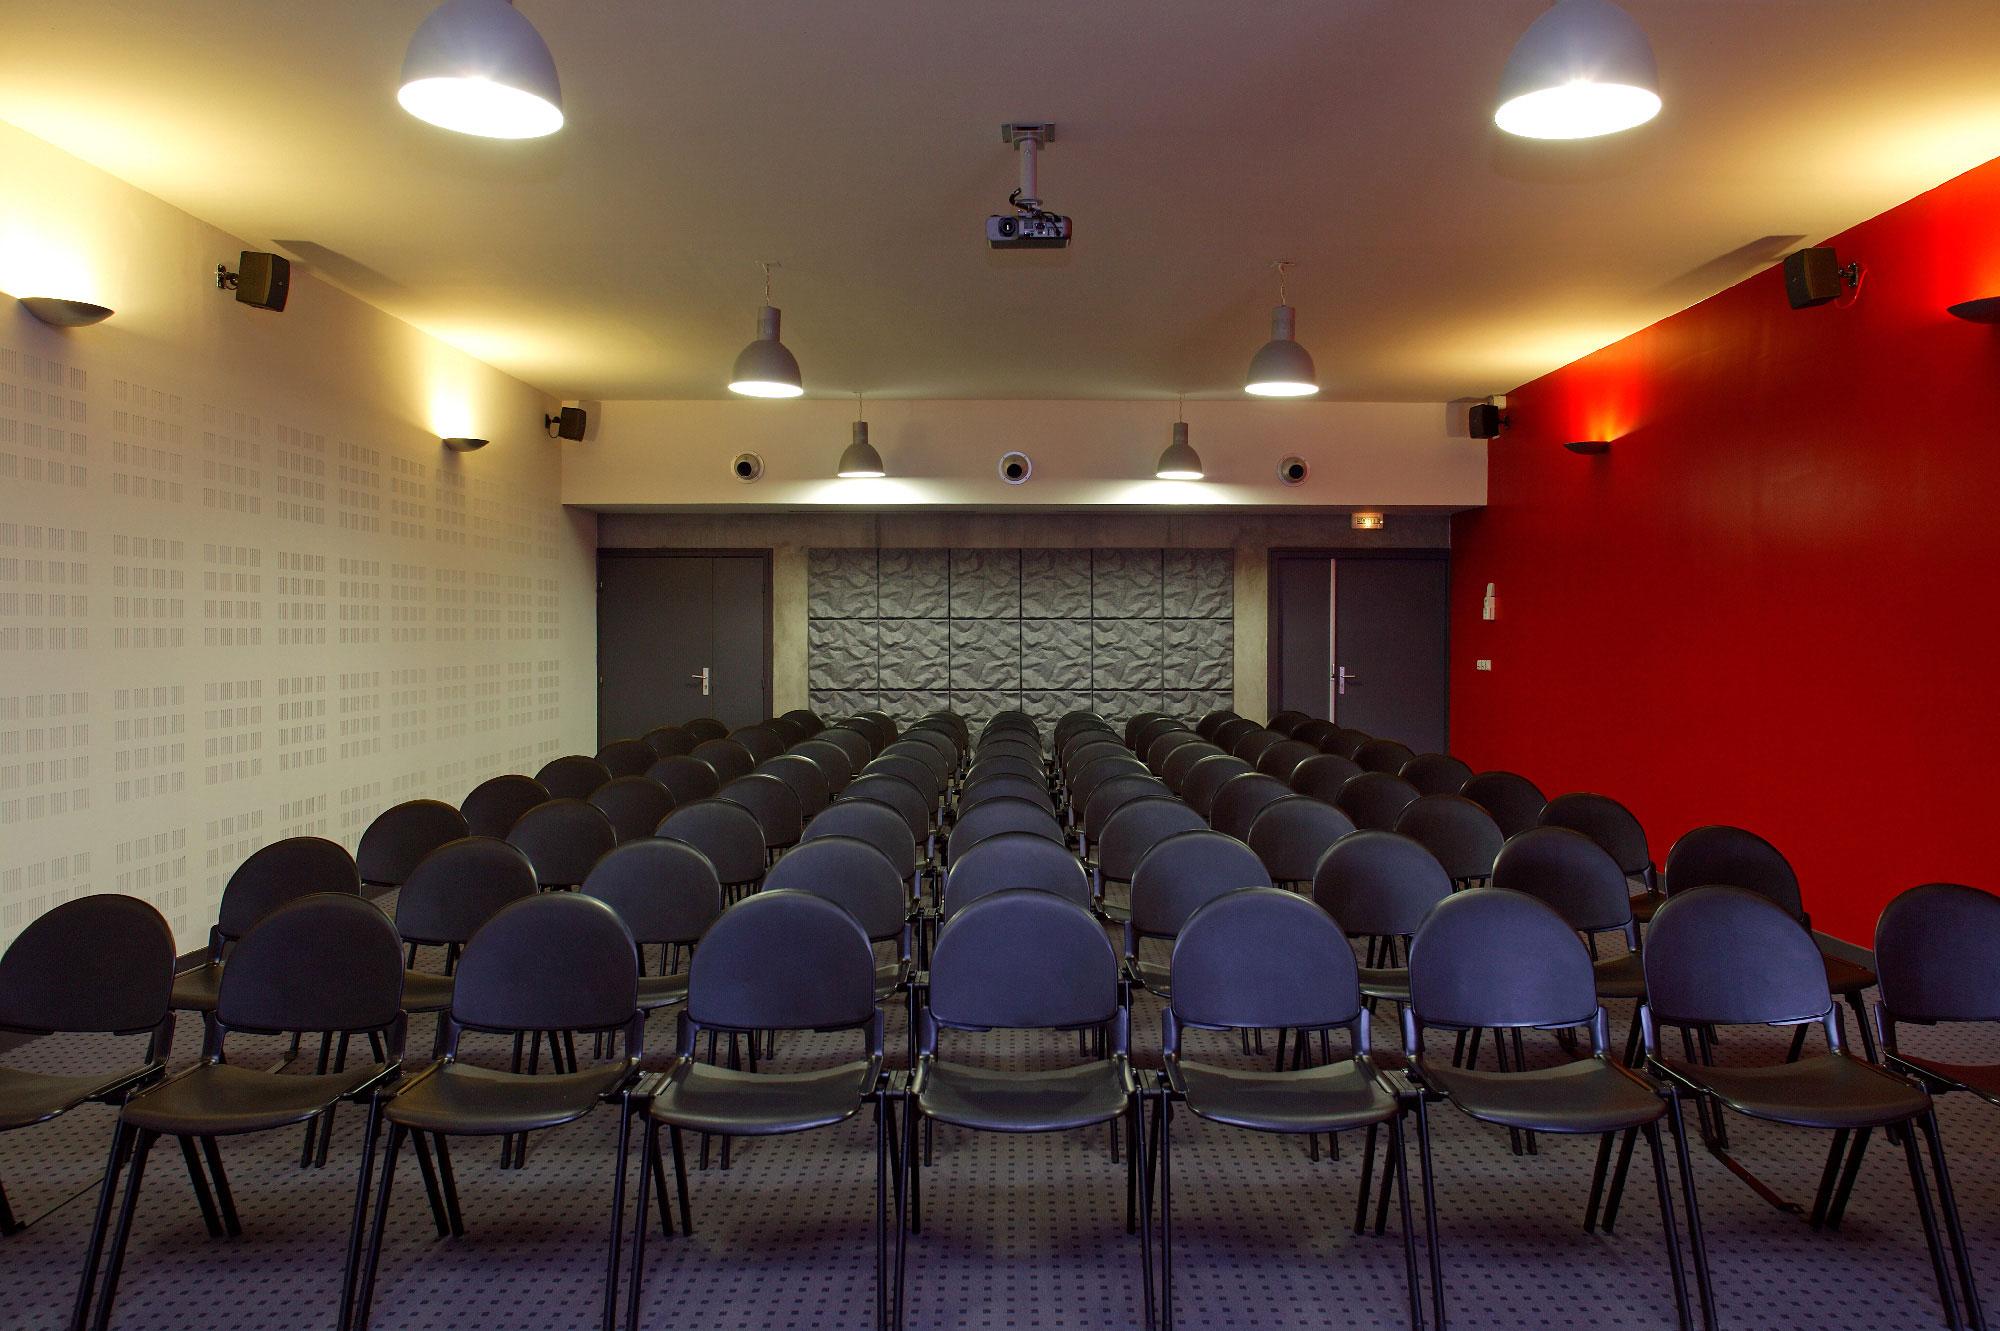 Centre des examens des permis de conduire de Nimes - TAUTEM Architecture - salle d'examen